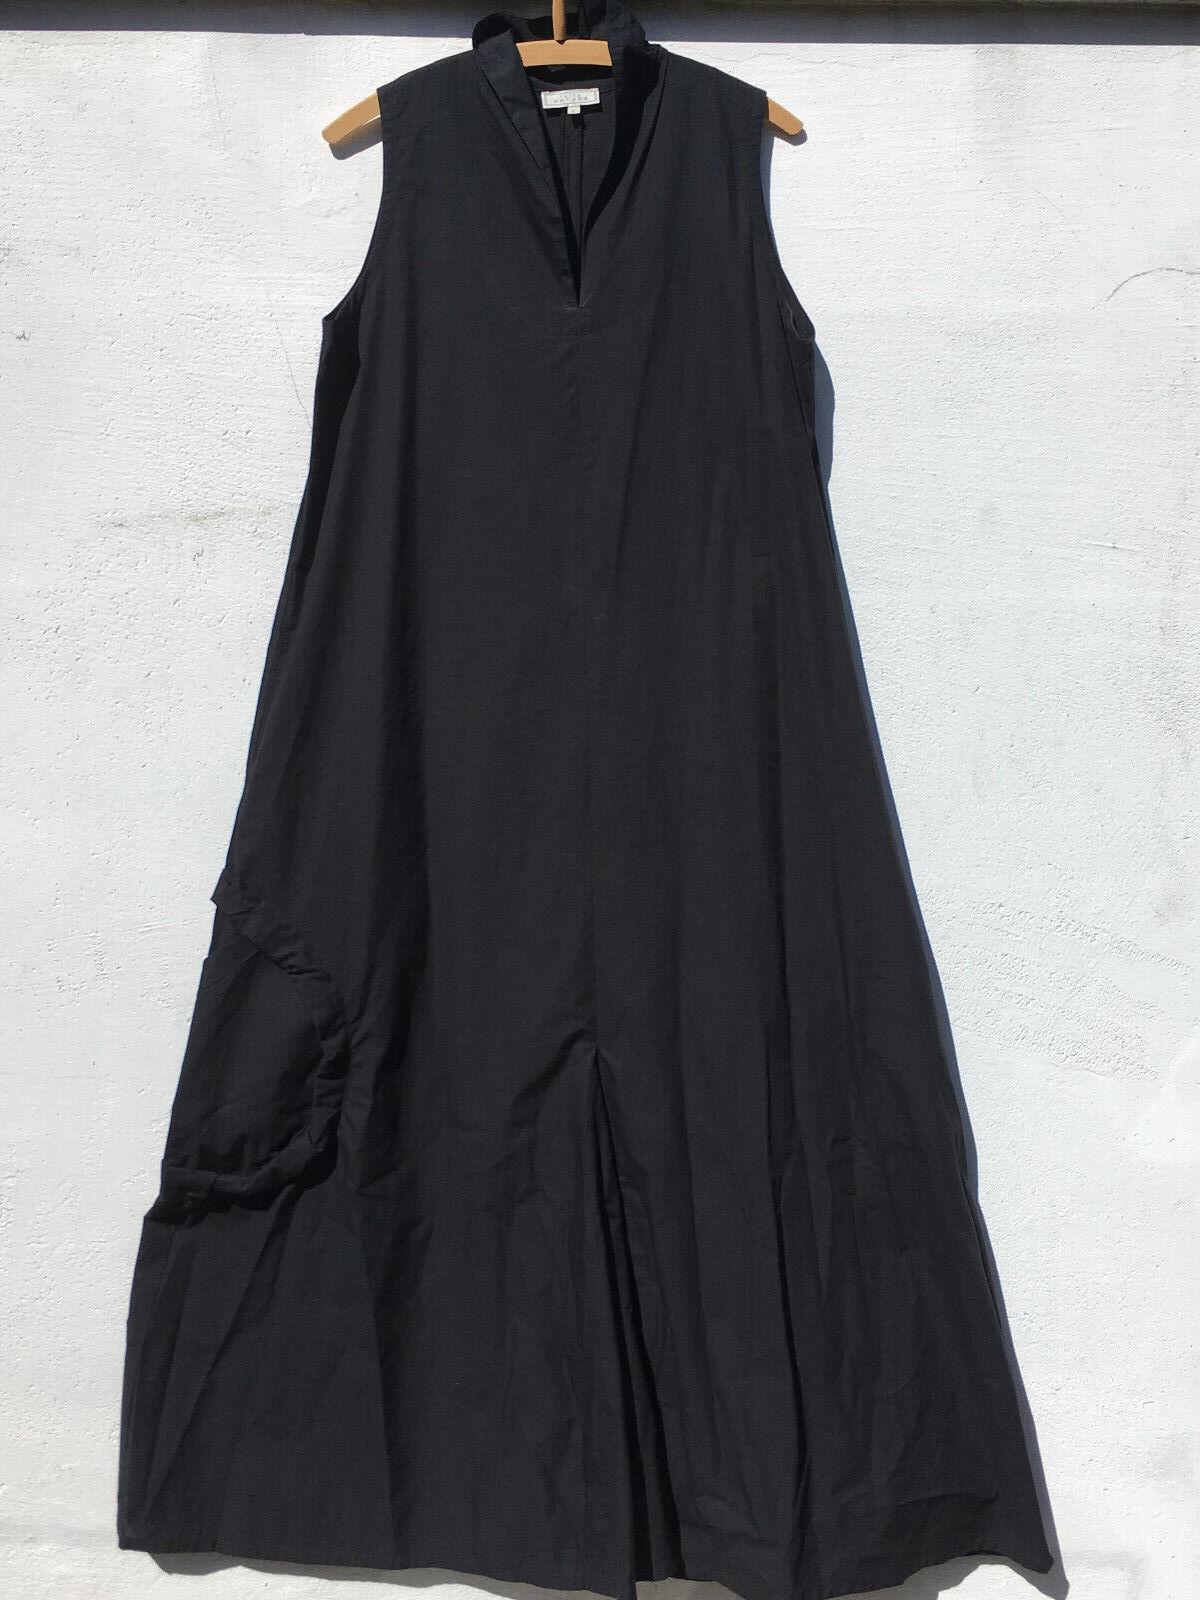 Langes zeitloses Kleid TUTTA NATURA Sommerkleid schwarz ärmellos Größe L